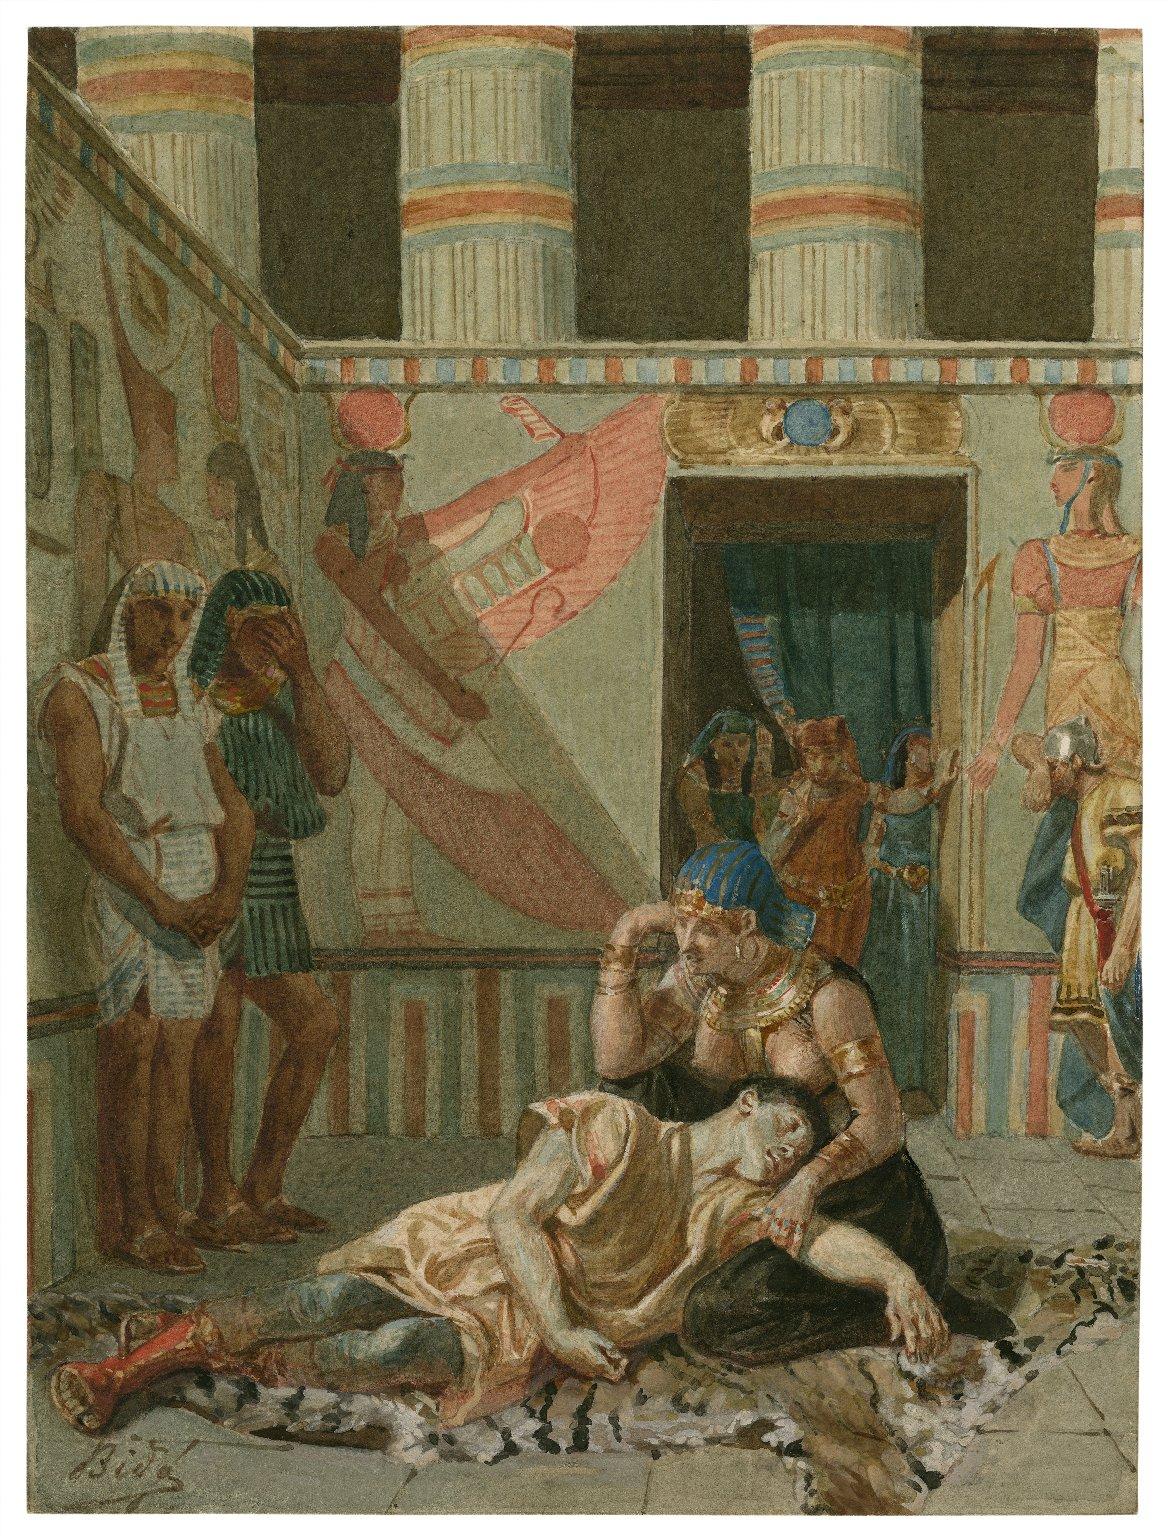 [Antony and Cleopatra, IV, 15, Cleopatra holds the dead Antony] [graphic] / [Alexandre Bida].